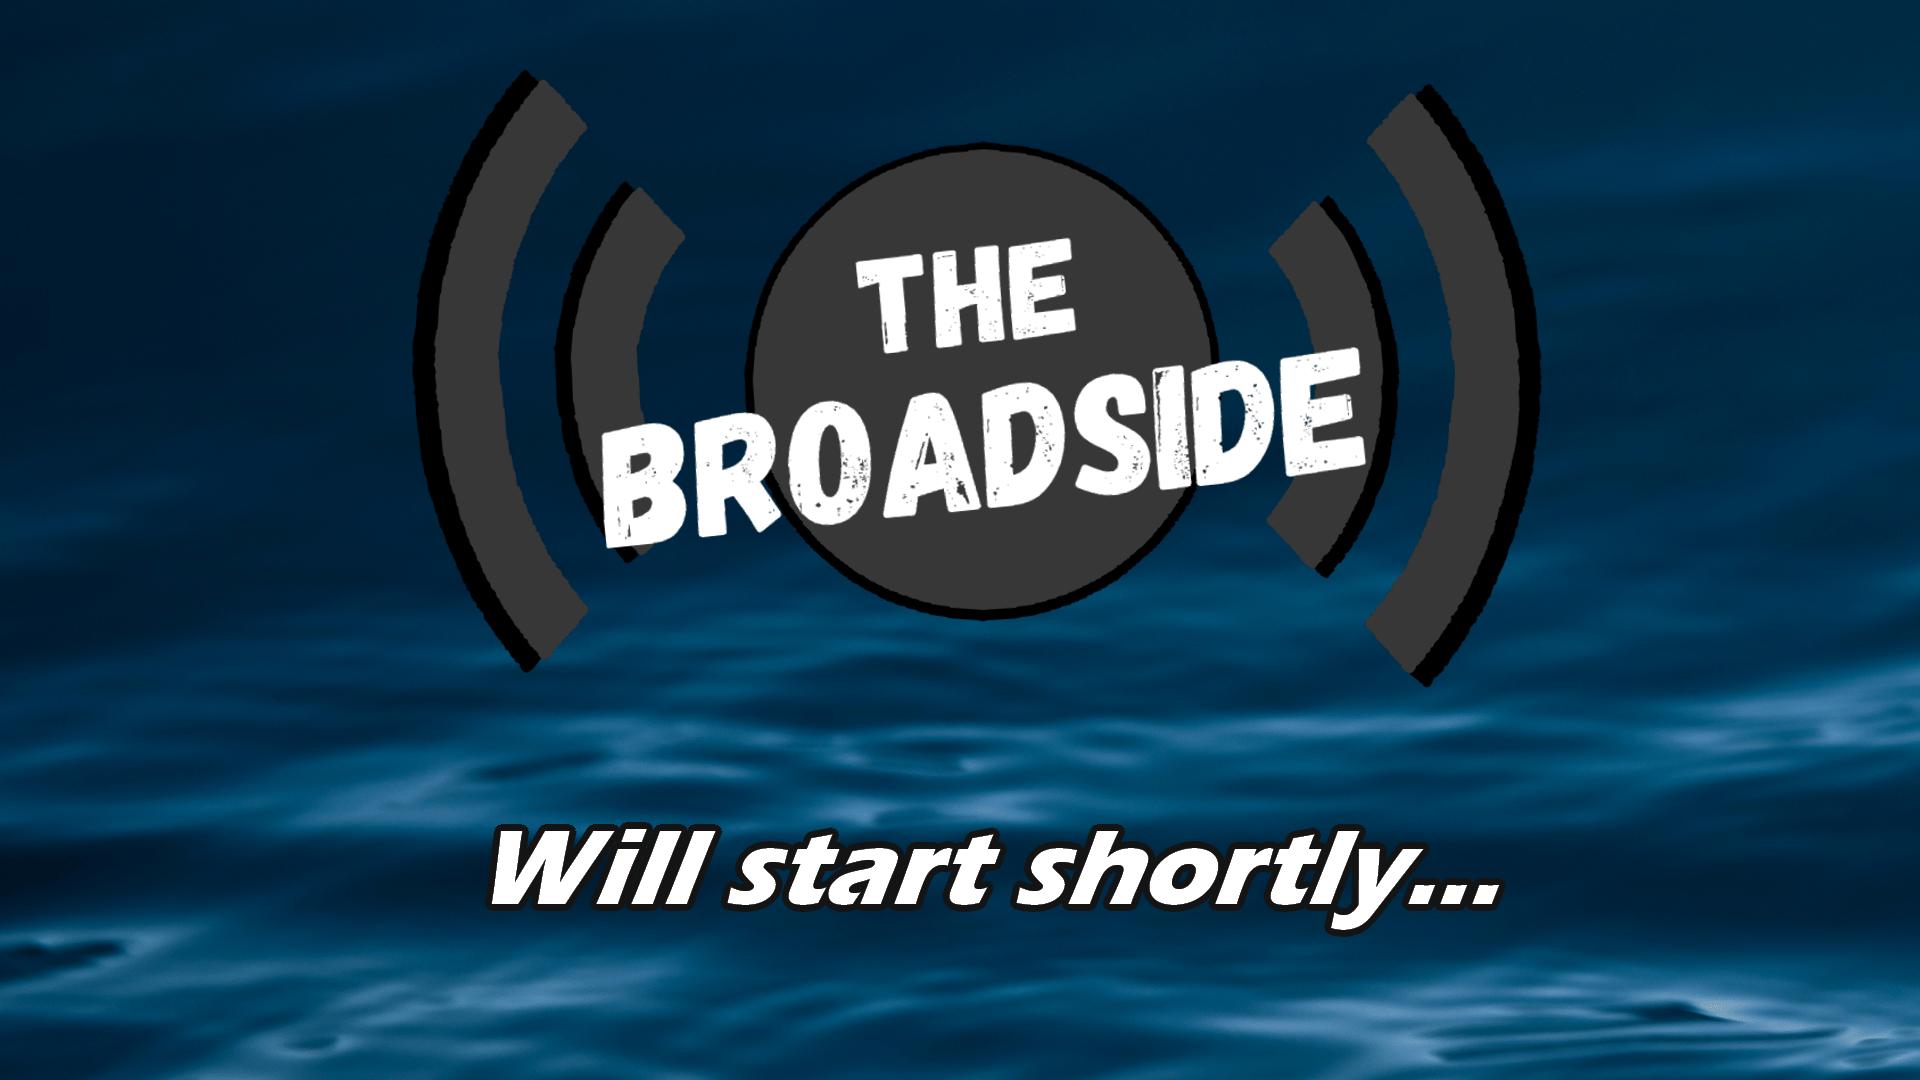 The Broadside for October 18!